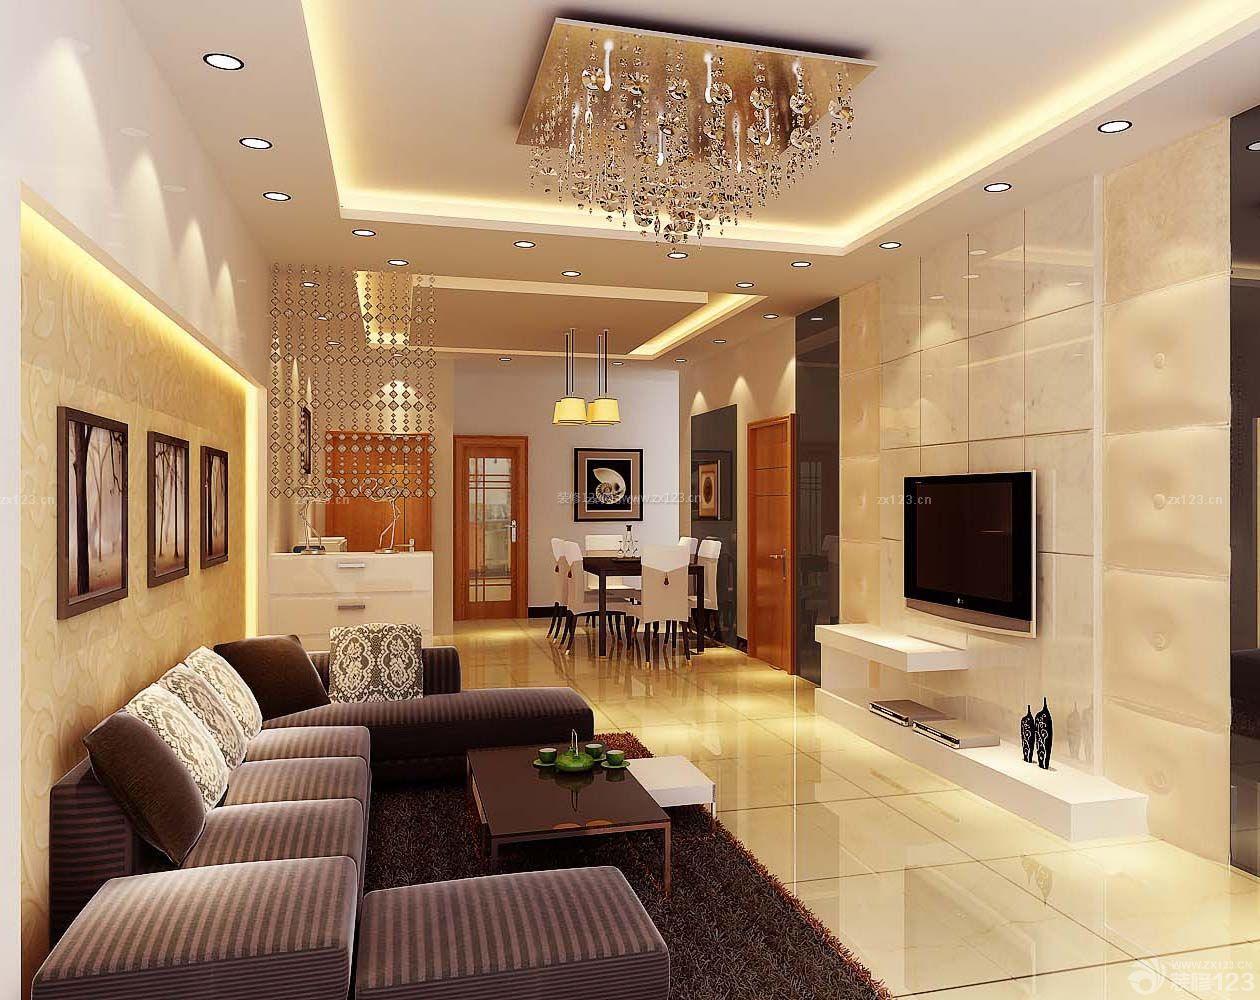 现代风格设计三室一厅一卫90平米房屋装修效果图